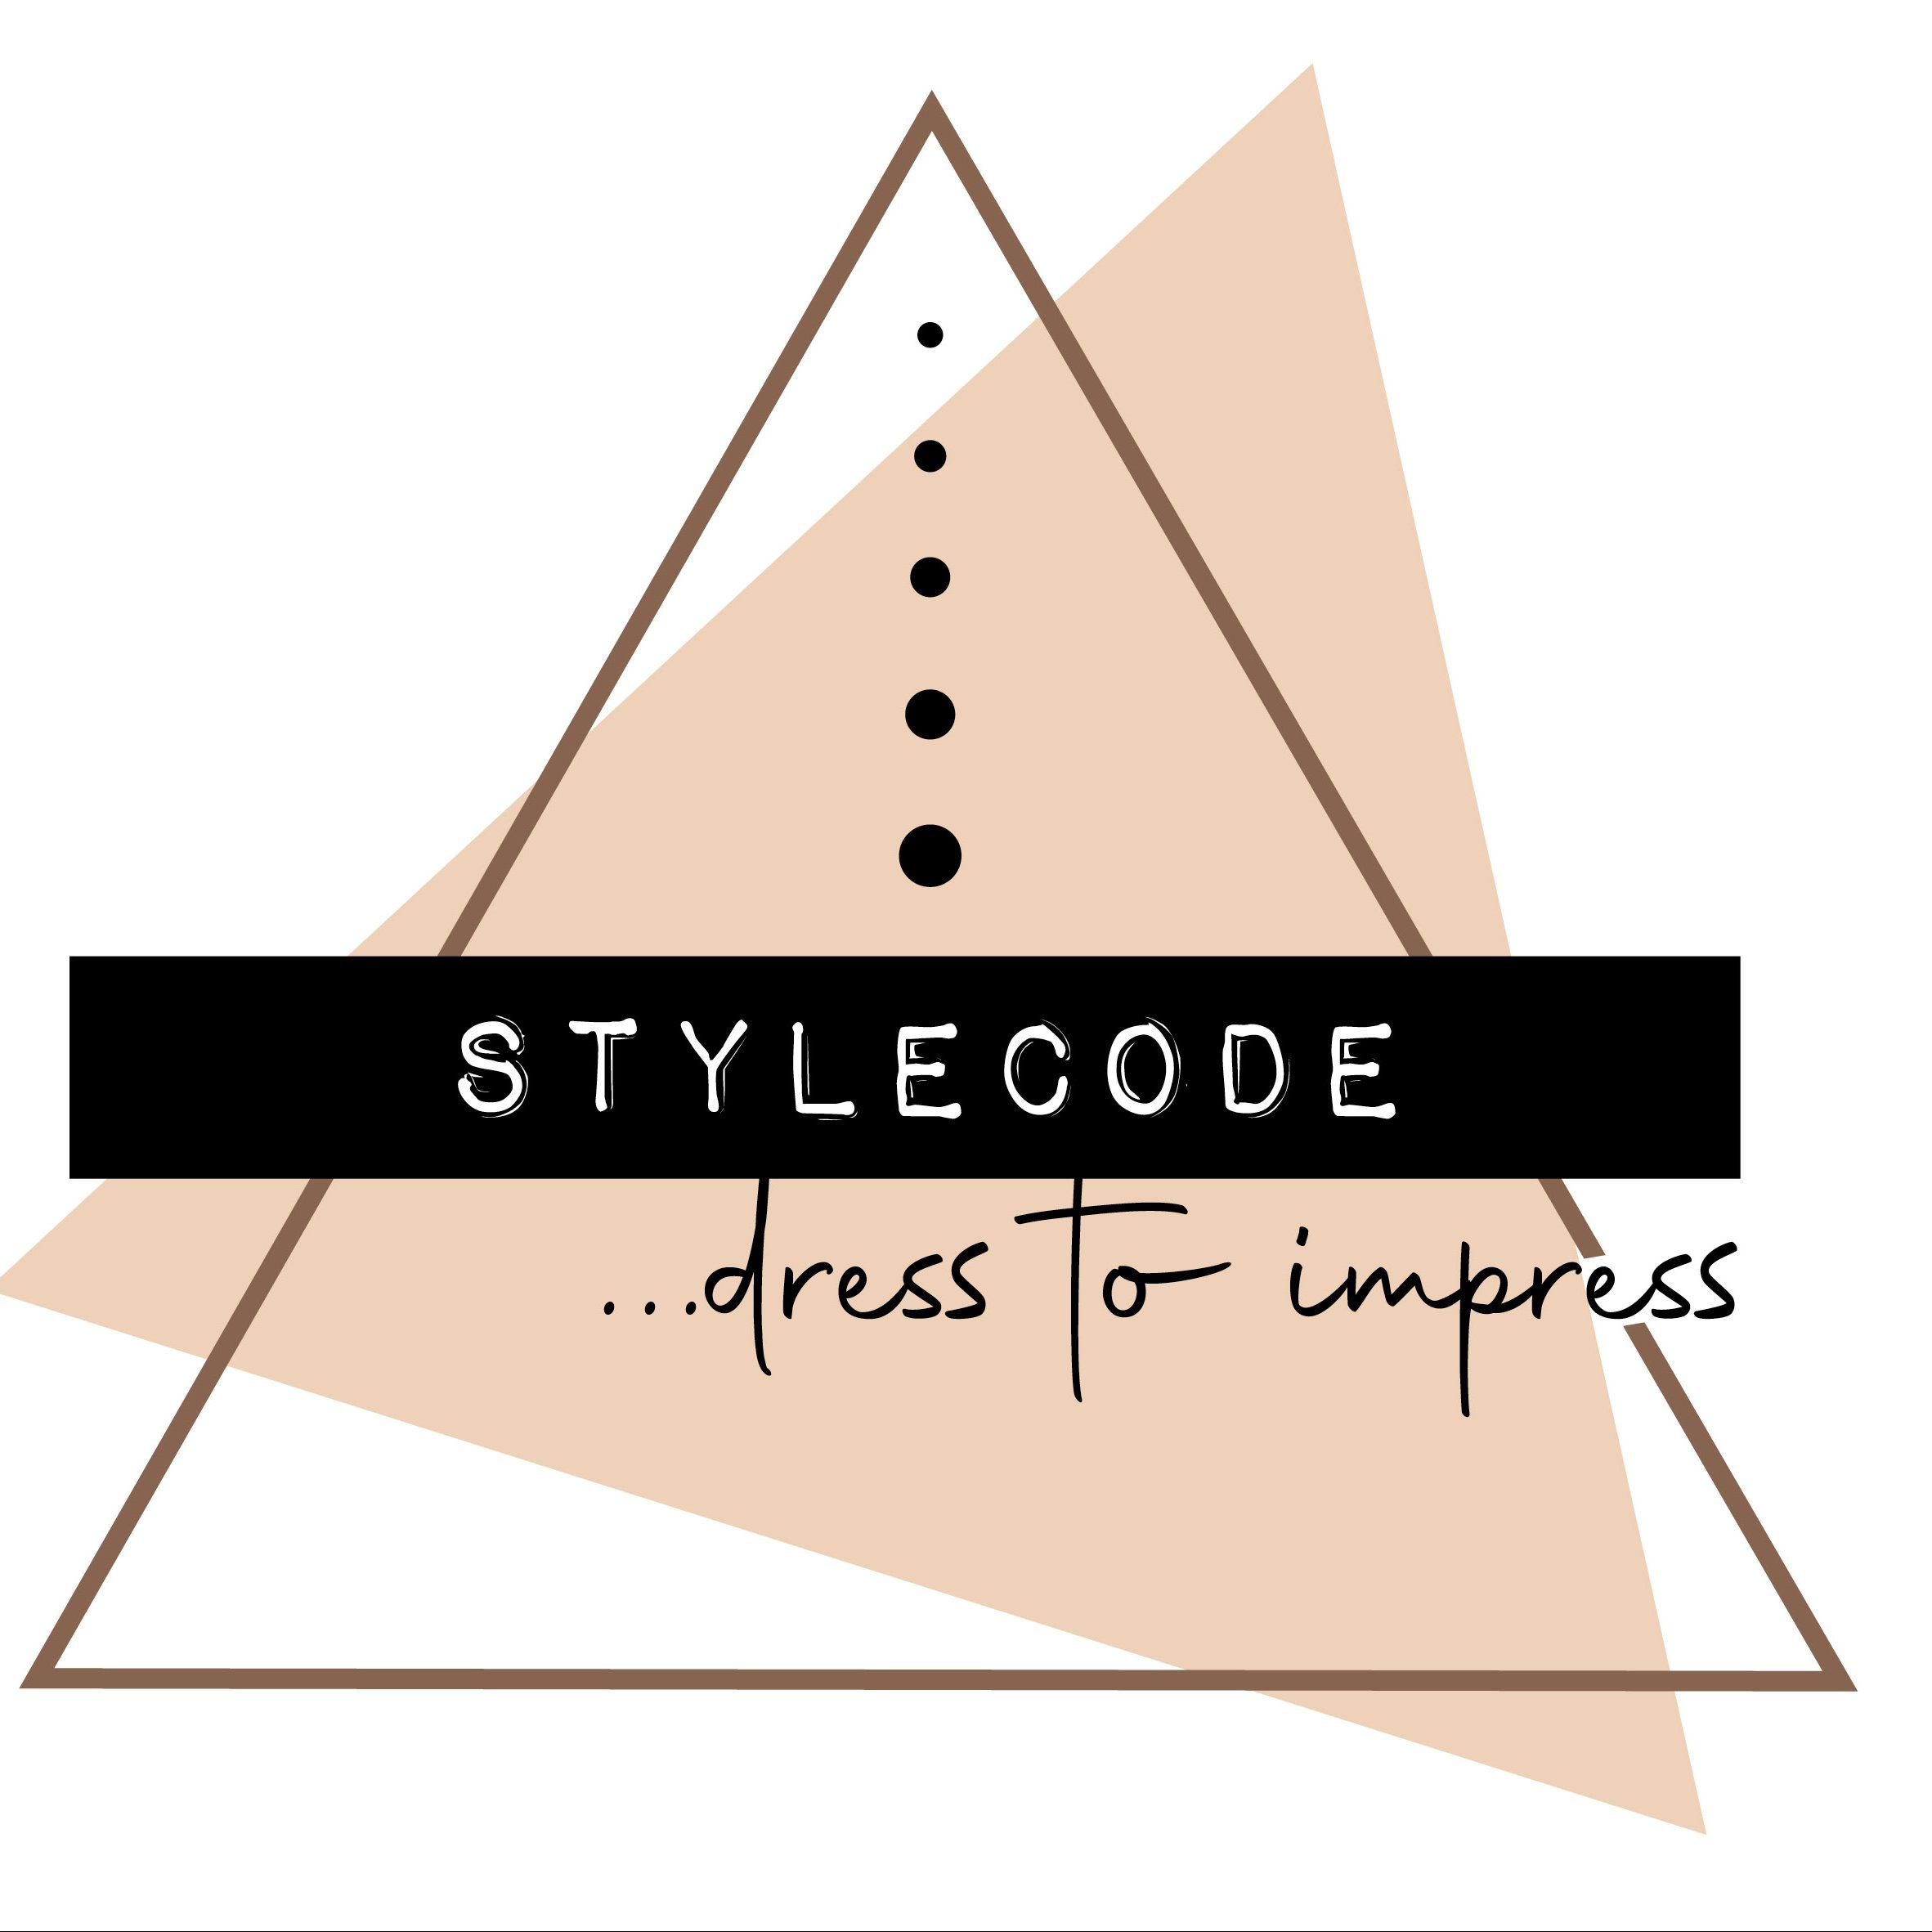 S.t.y.l.e.code Design